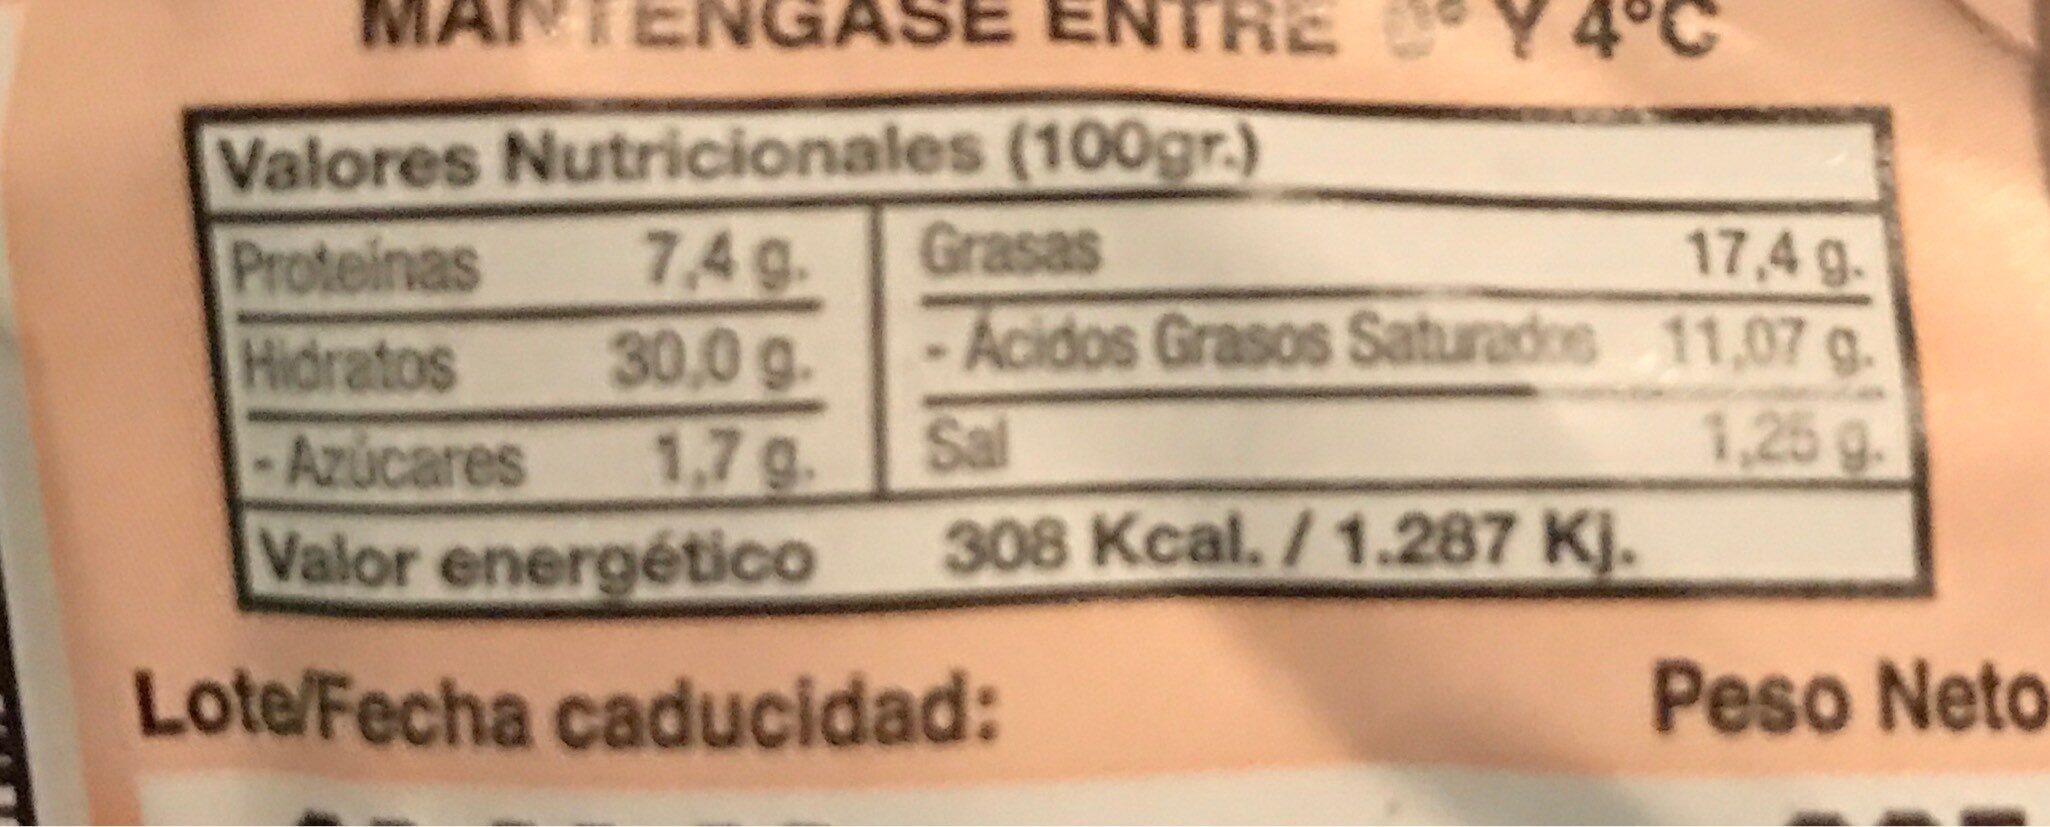 Empanada de Atún Hojaldre - Información nutricional - es